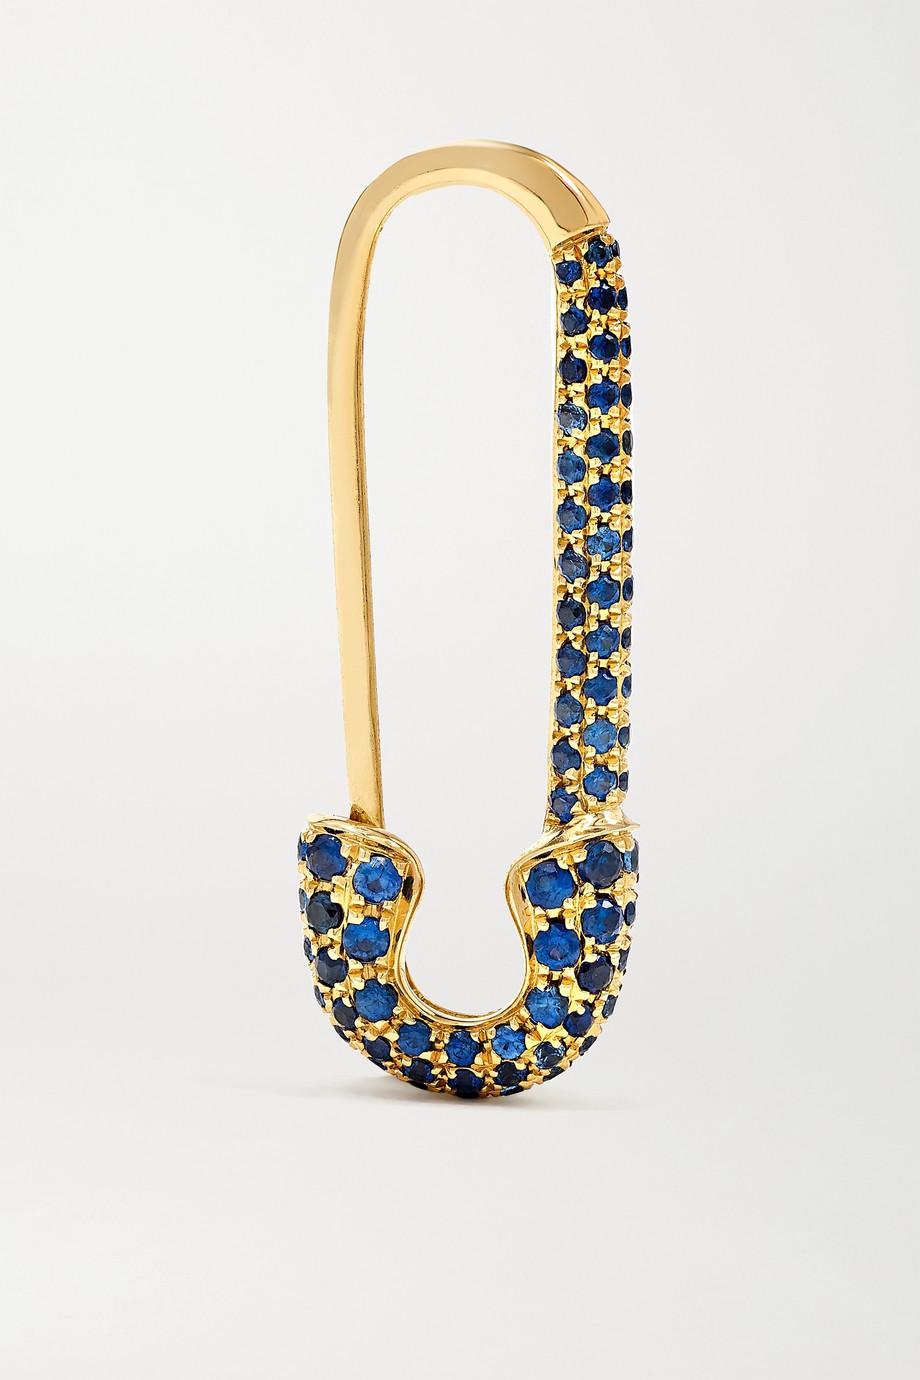 Anita Ko Safety Pin Ohrring aus 18 Karat Gold mit Saphiren